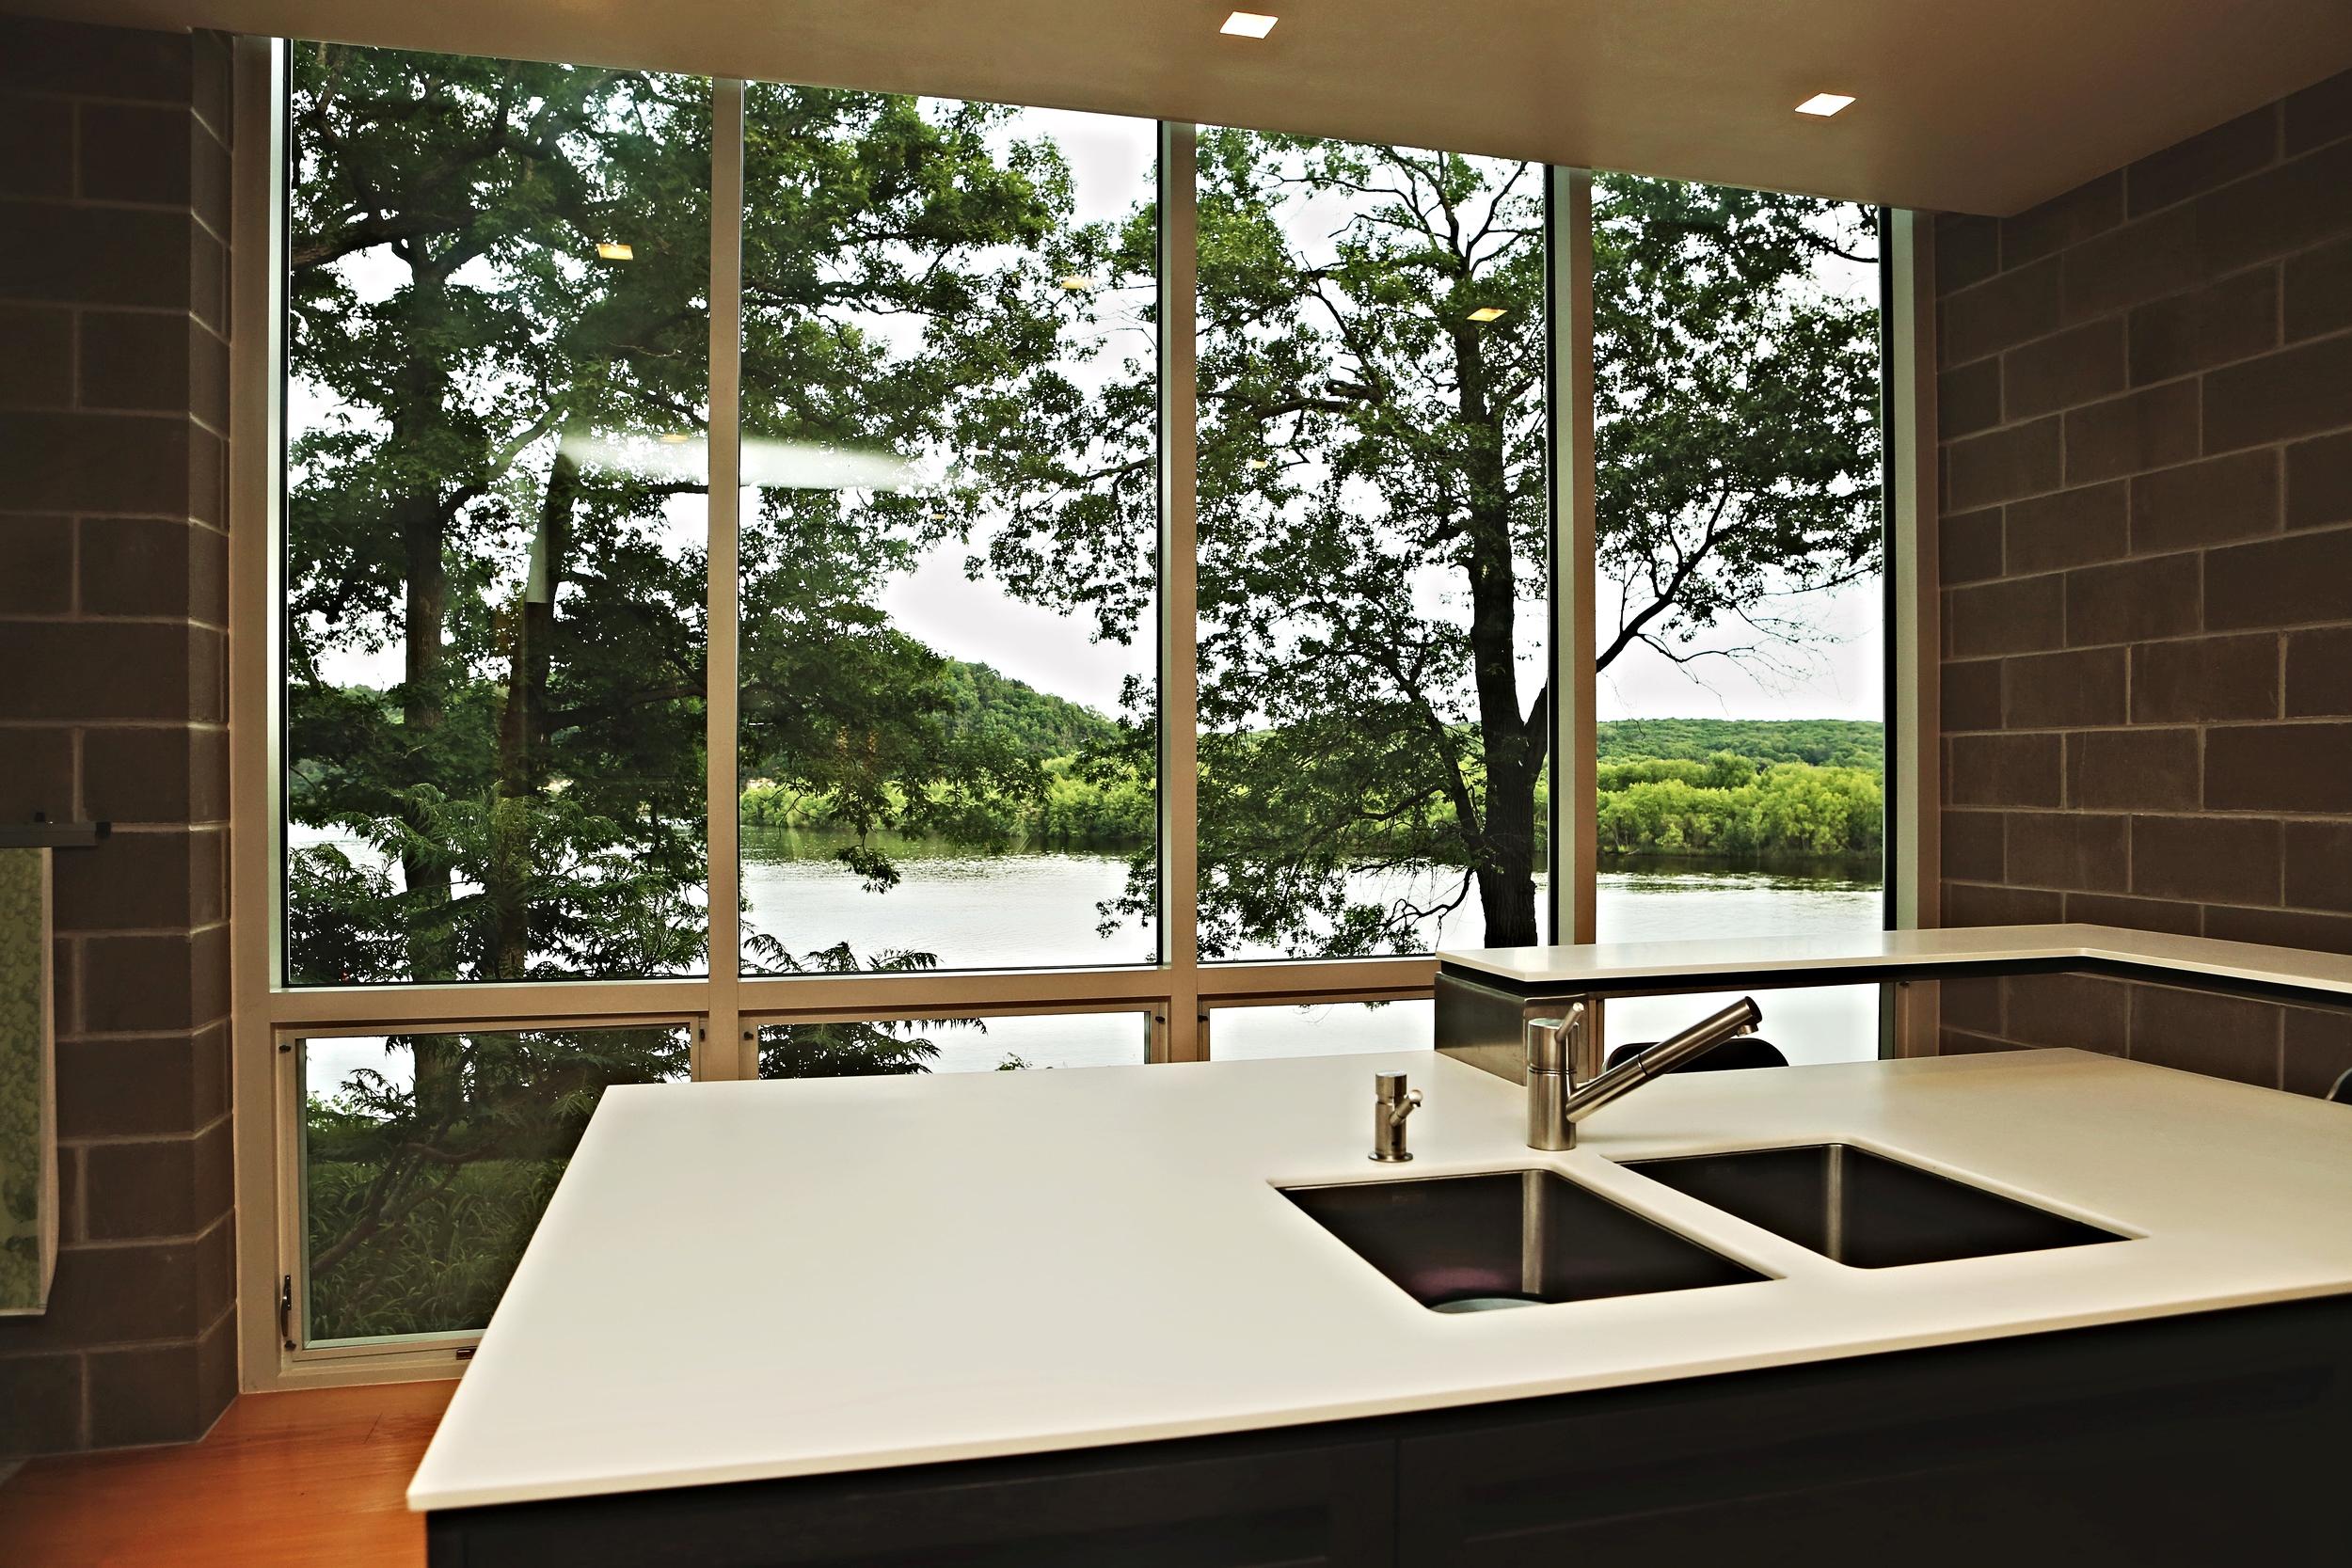 N4294 County Hwy U - kitchen view.JPG